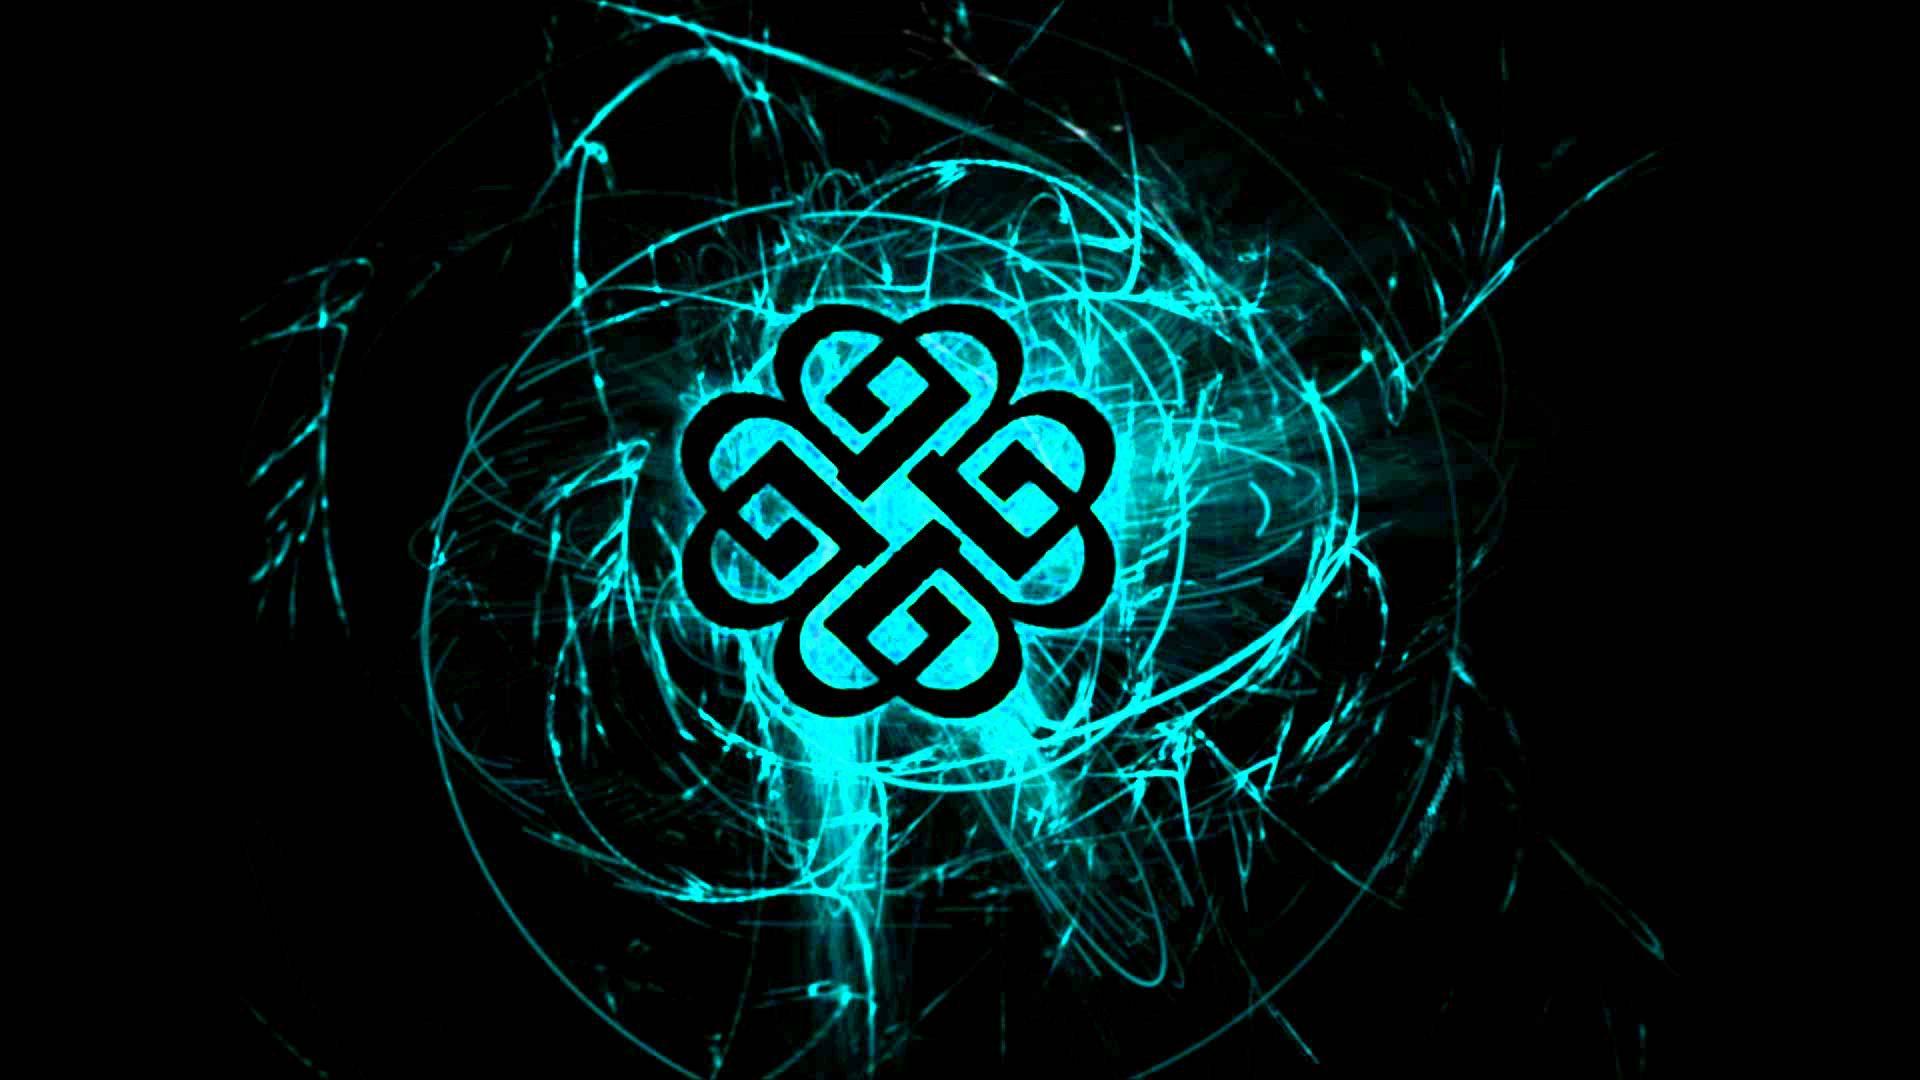 Breaking Benjamin Wallpaper Full HD   WallpaperAsk 1920x1080